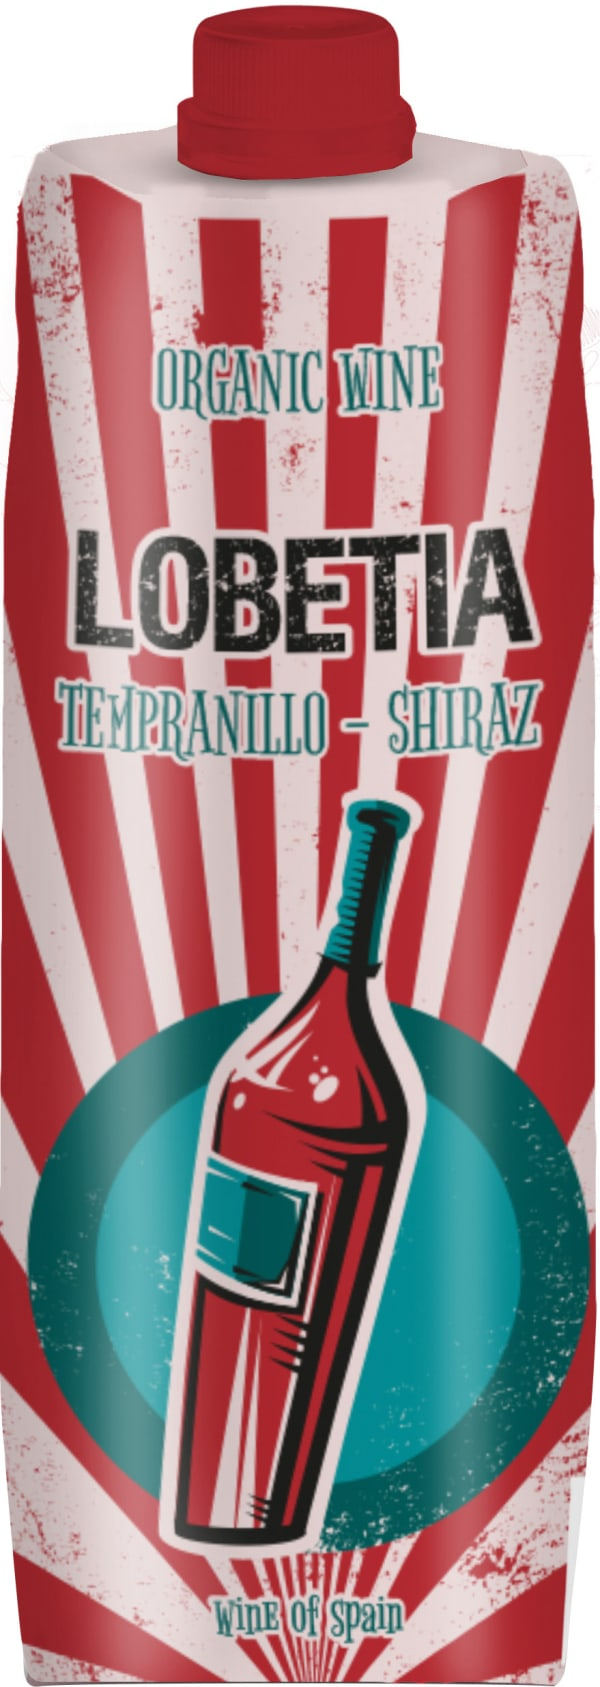 Lobetia Tempranillo Shiraz 2017 carton package